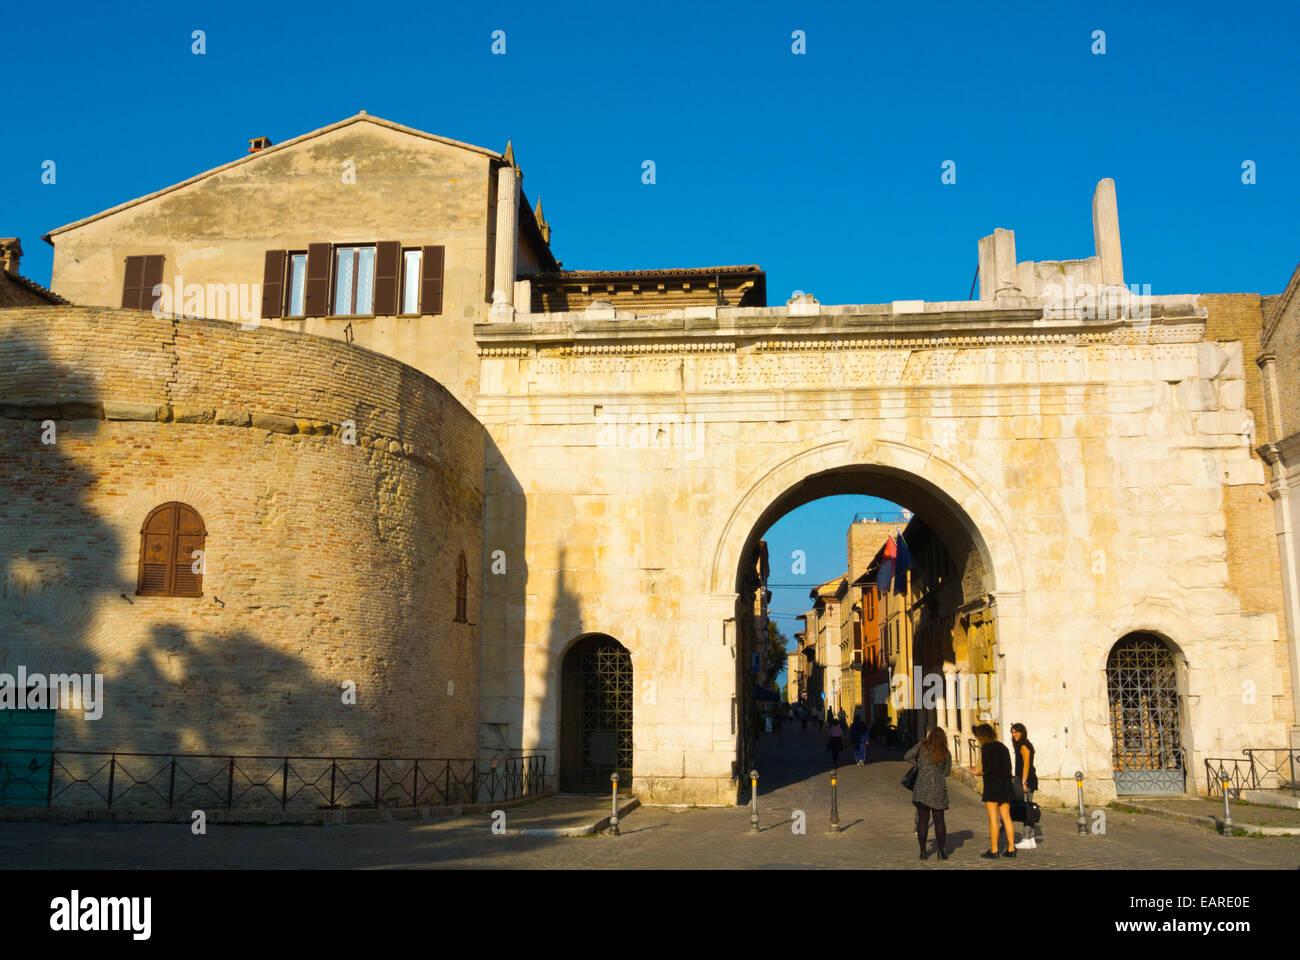 Arco di Augusto, Arco di Augusto, Fano, Regione Marche, Italia Immagini Stock